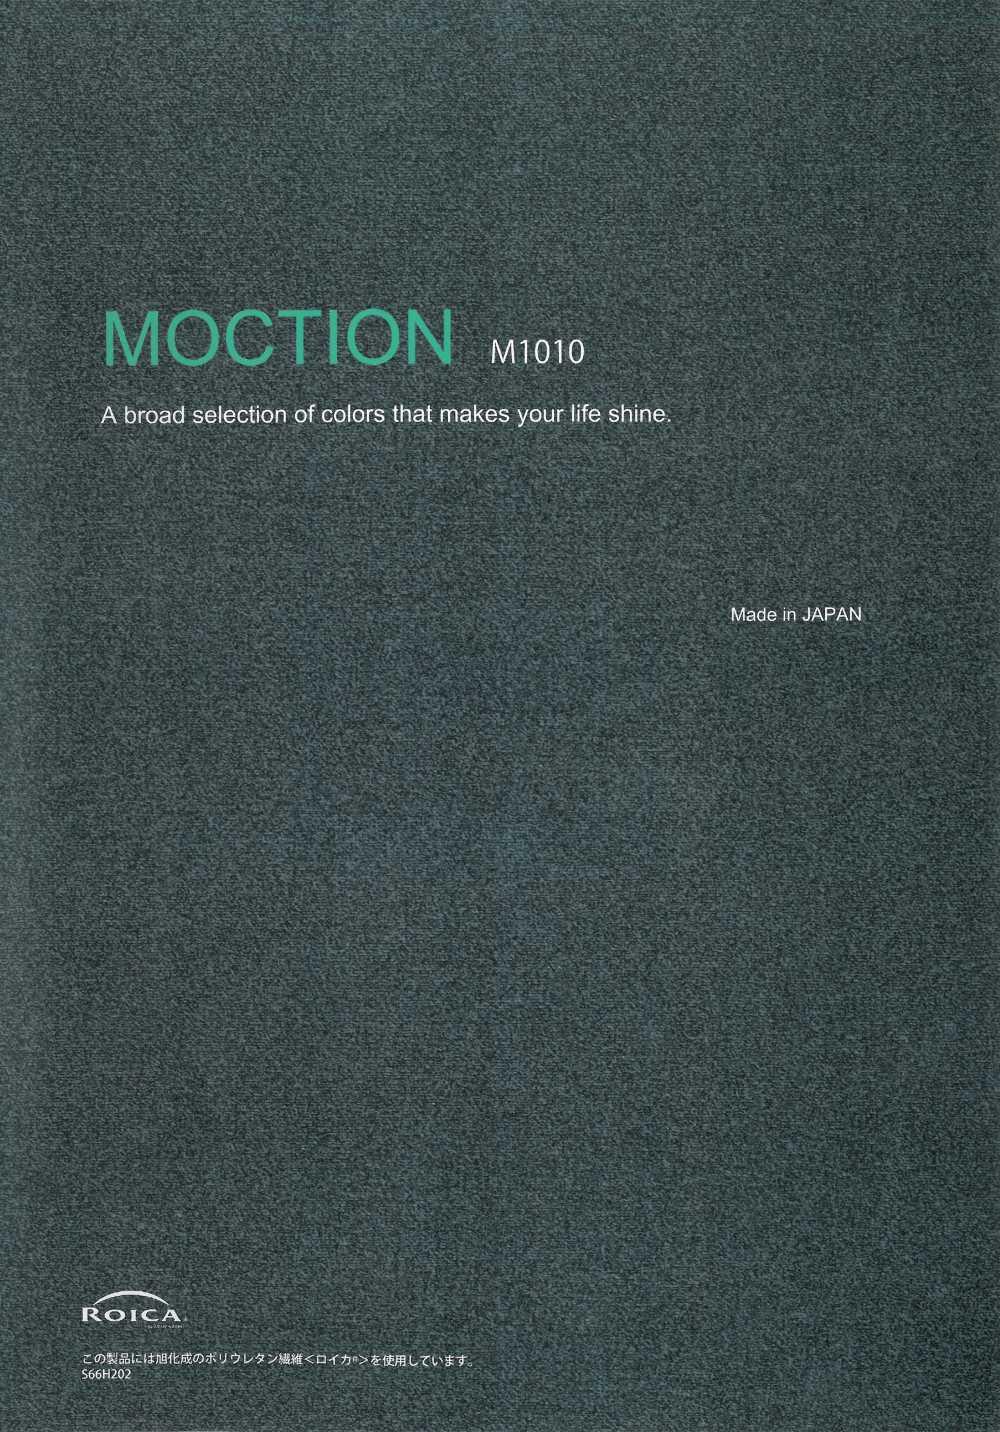 M1010 MOCTION ポリエステルカチオン 杢 2WAY[生地] フレスデザイン/オークラ商事 - ApparelX アパレル資材卸通販